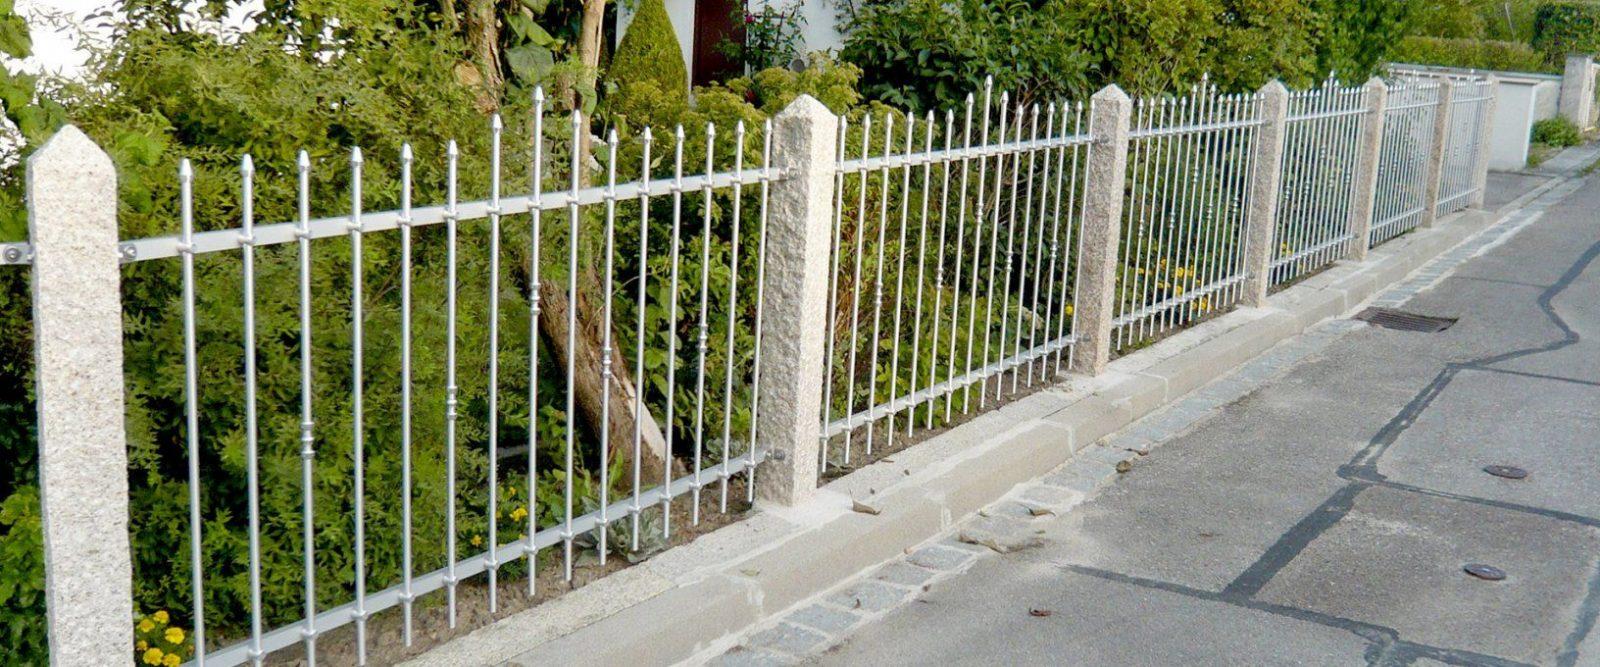 Selbstbauzäune  Zaun Selber Bauen  Seiler Zaun Design von Schmiedeeisen Zaun Selber Bauen Photo